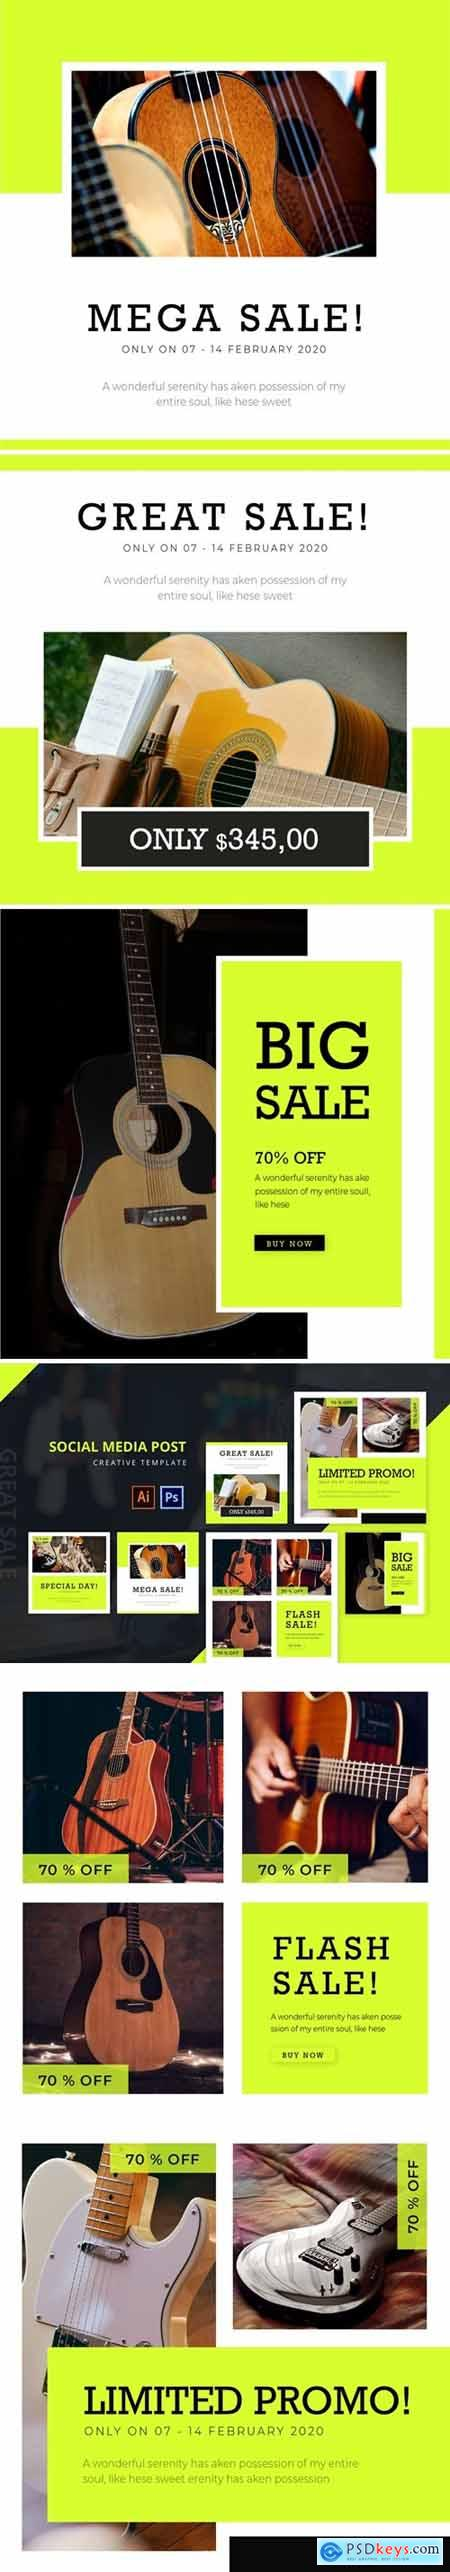 Guitar Sale Social Media Post Template